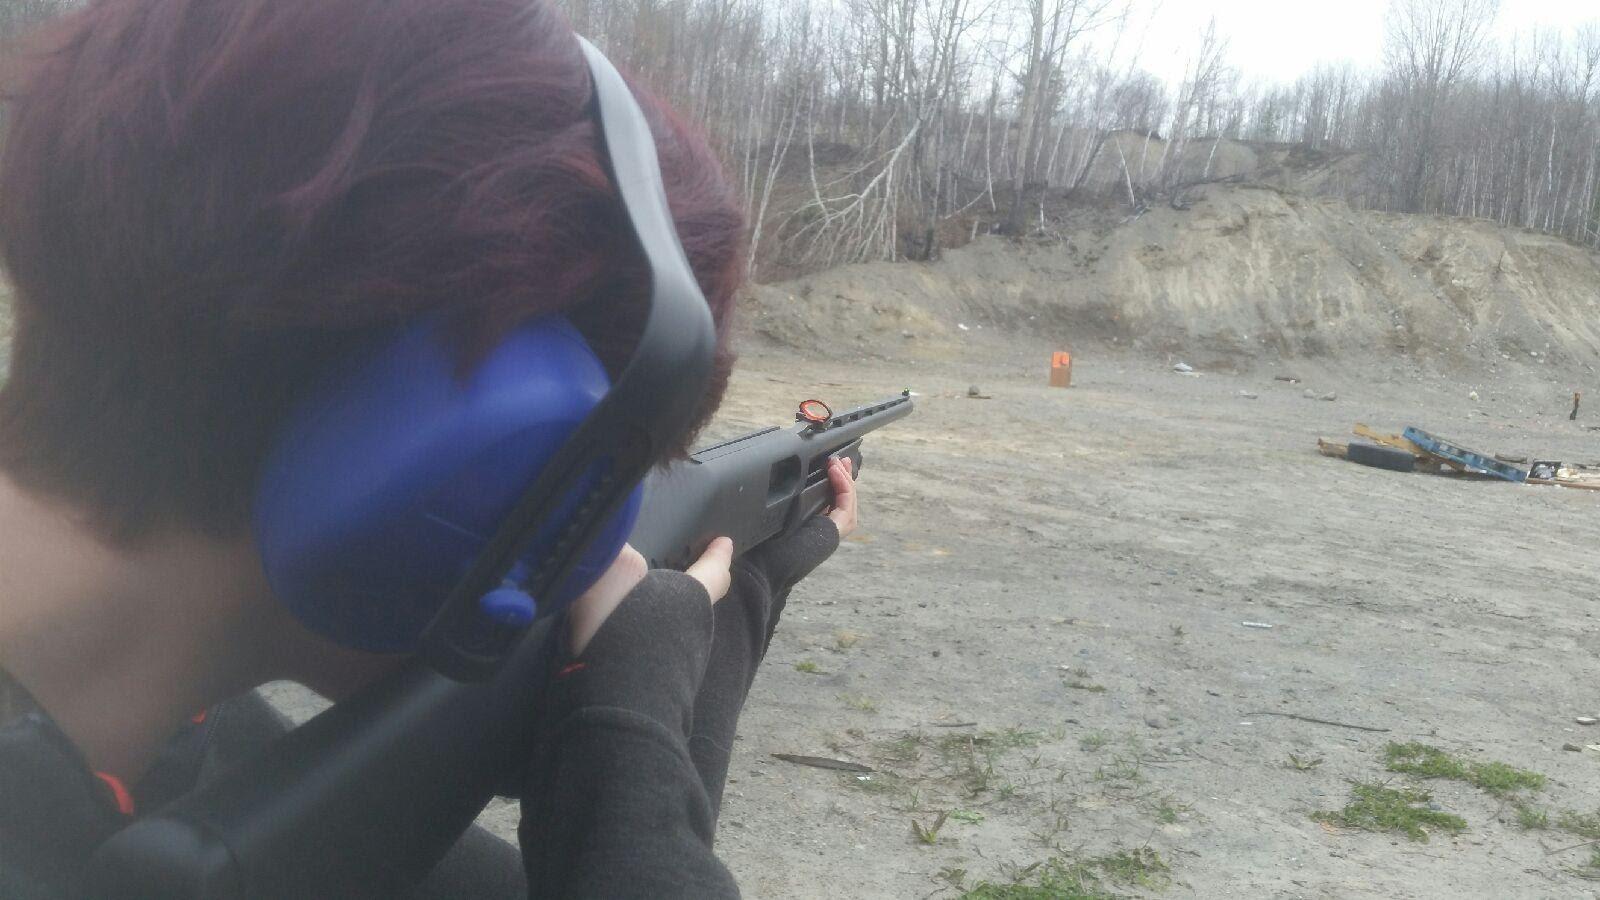 20 gauge target practice